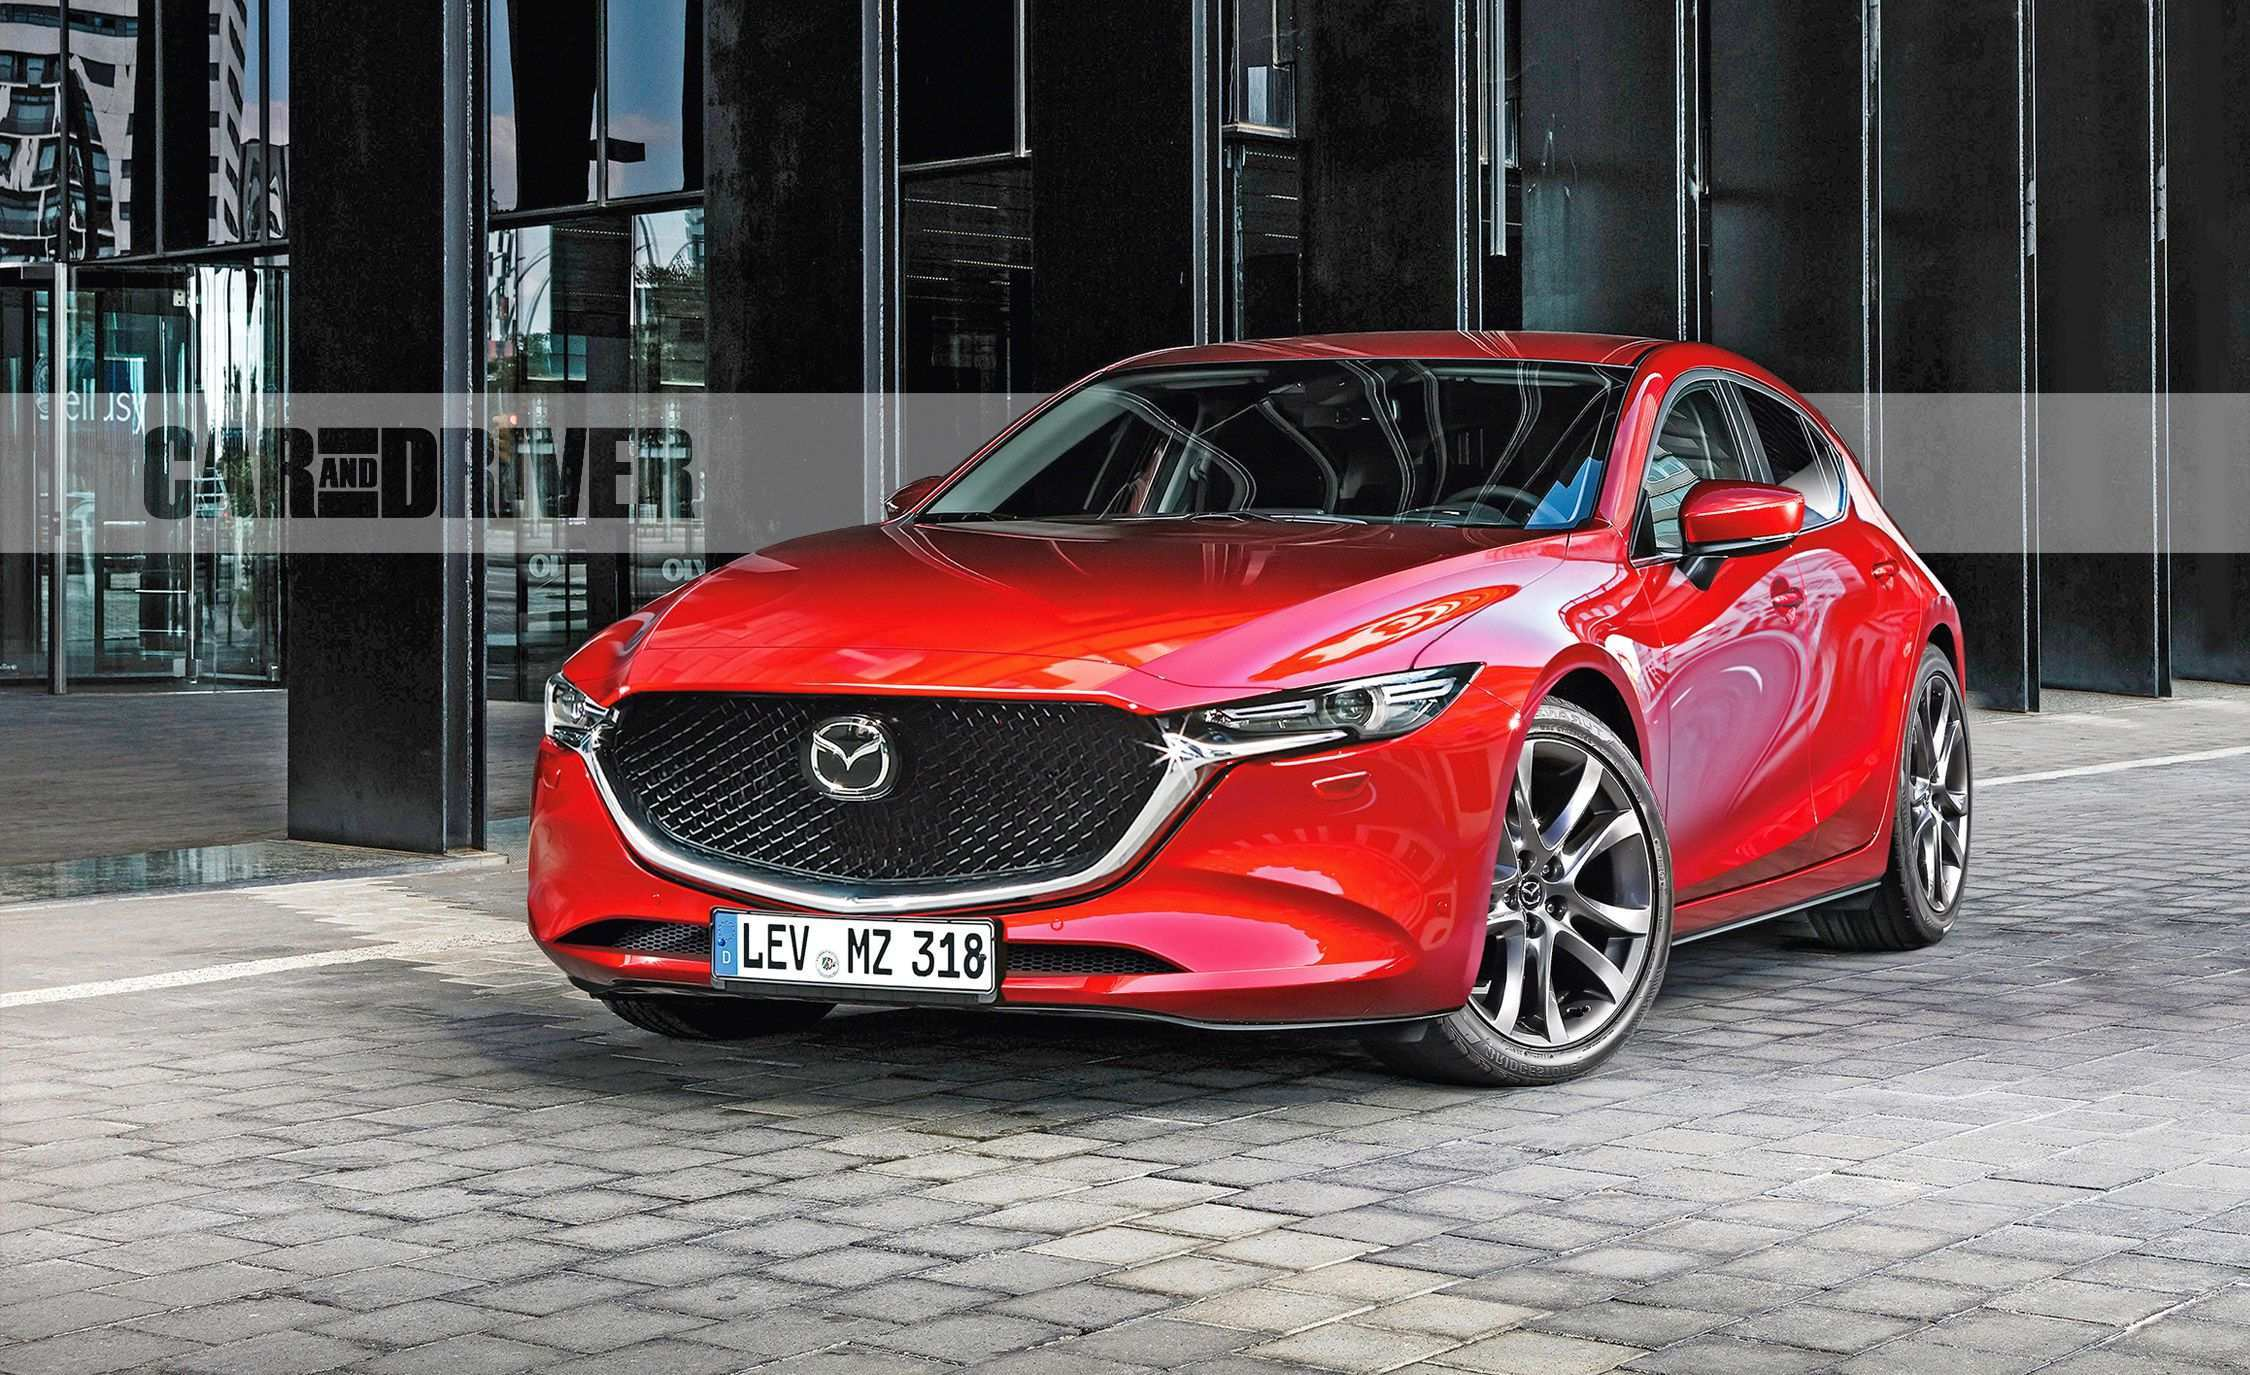 65 Great 2020 Mazda 3 Sedan Concept with 2020 Mazda 3 Sedan